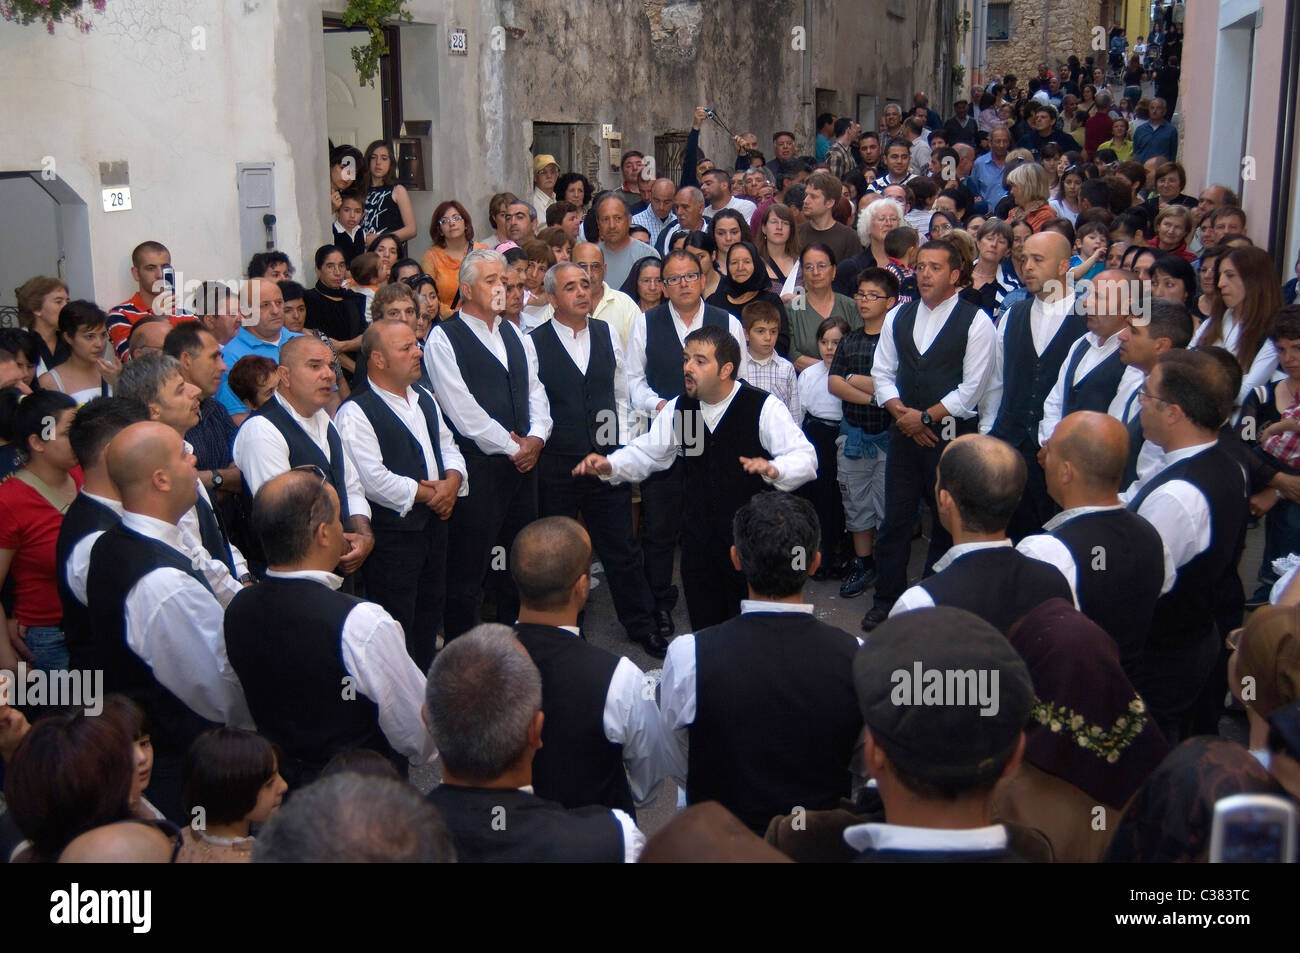 Coro Montesantu (Montesantu Choir), Baunei, Ogliastra, Sardinia, Italy - Stock Image